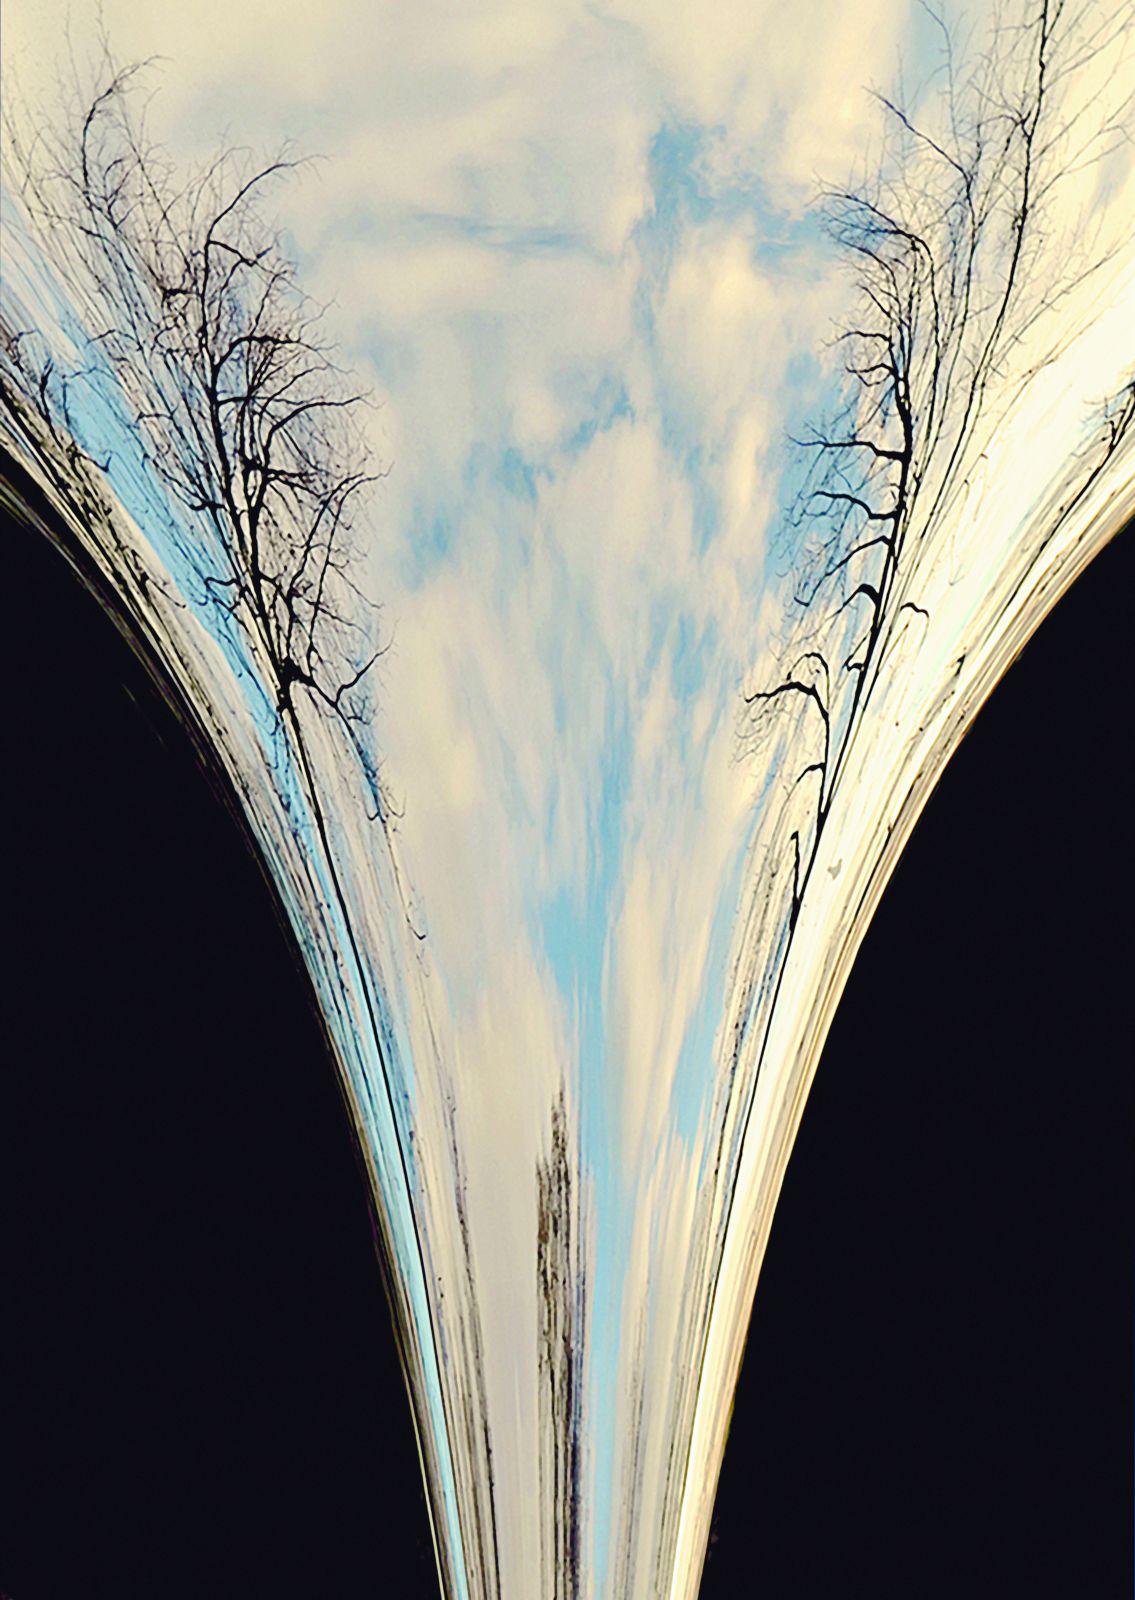 Cose di natura, Nature's Matters #20, Alberi e specchio/Trees and Mirror, 2012